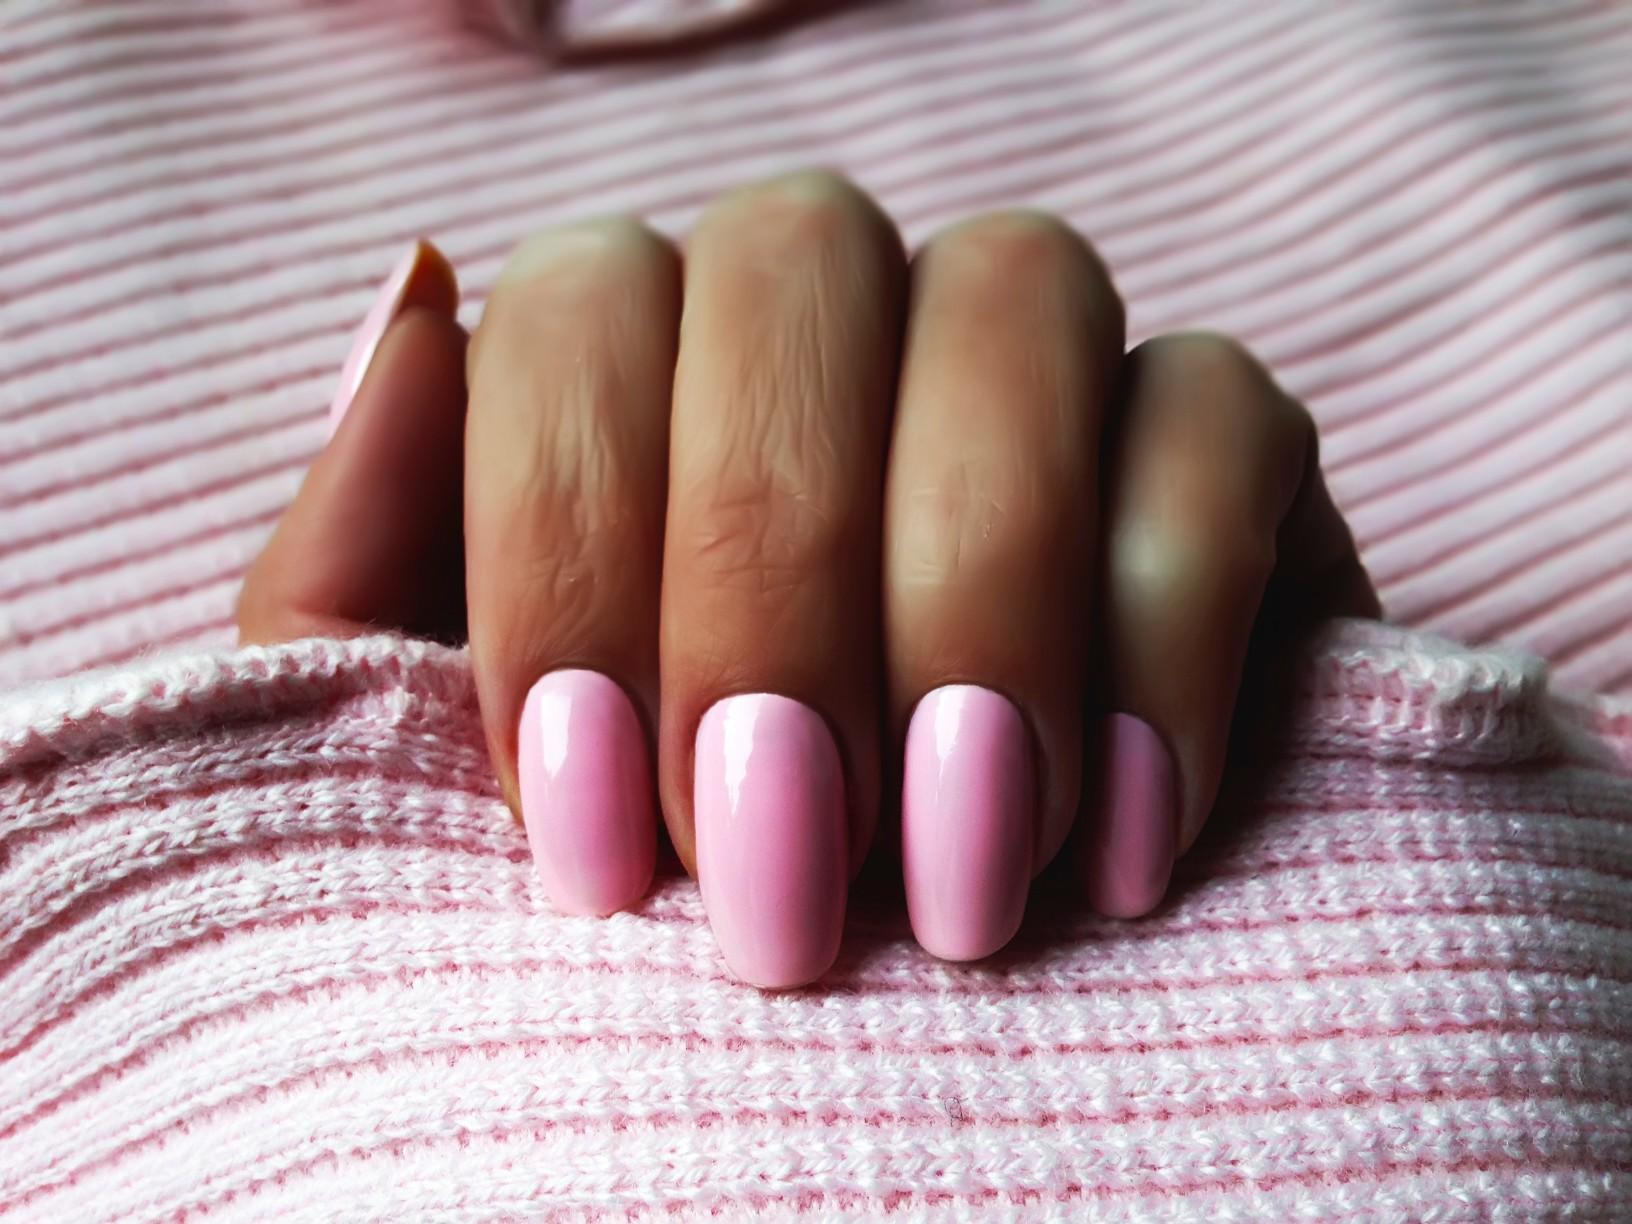 Comment sublimer les mains d'une femme ?